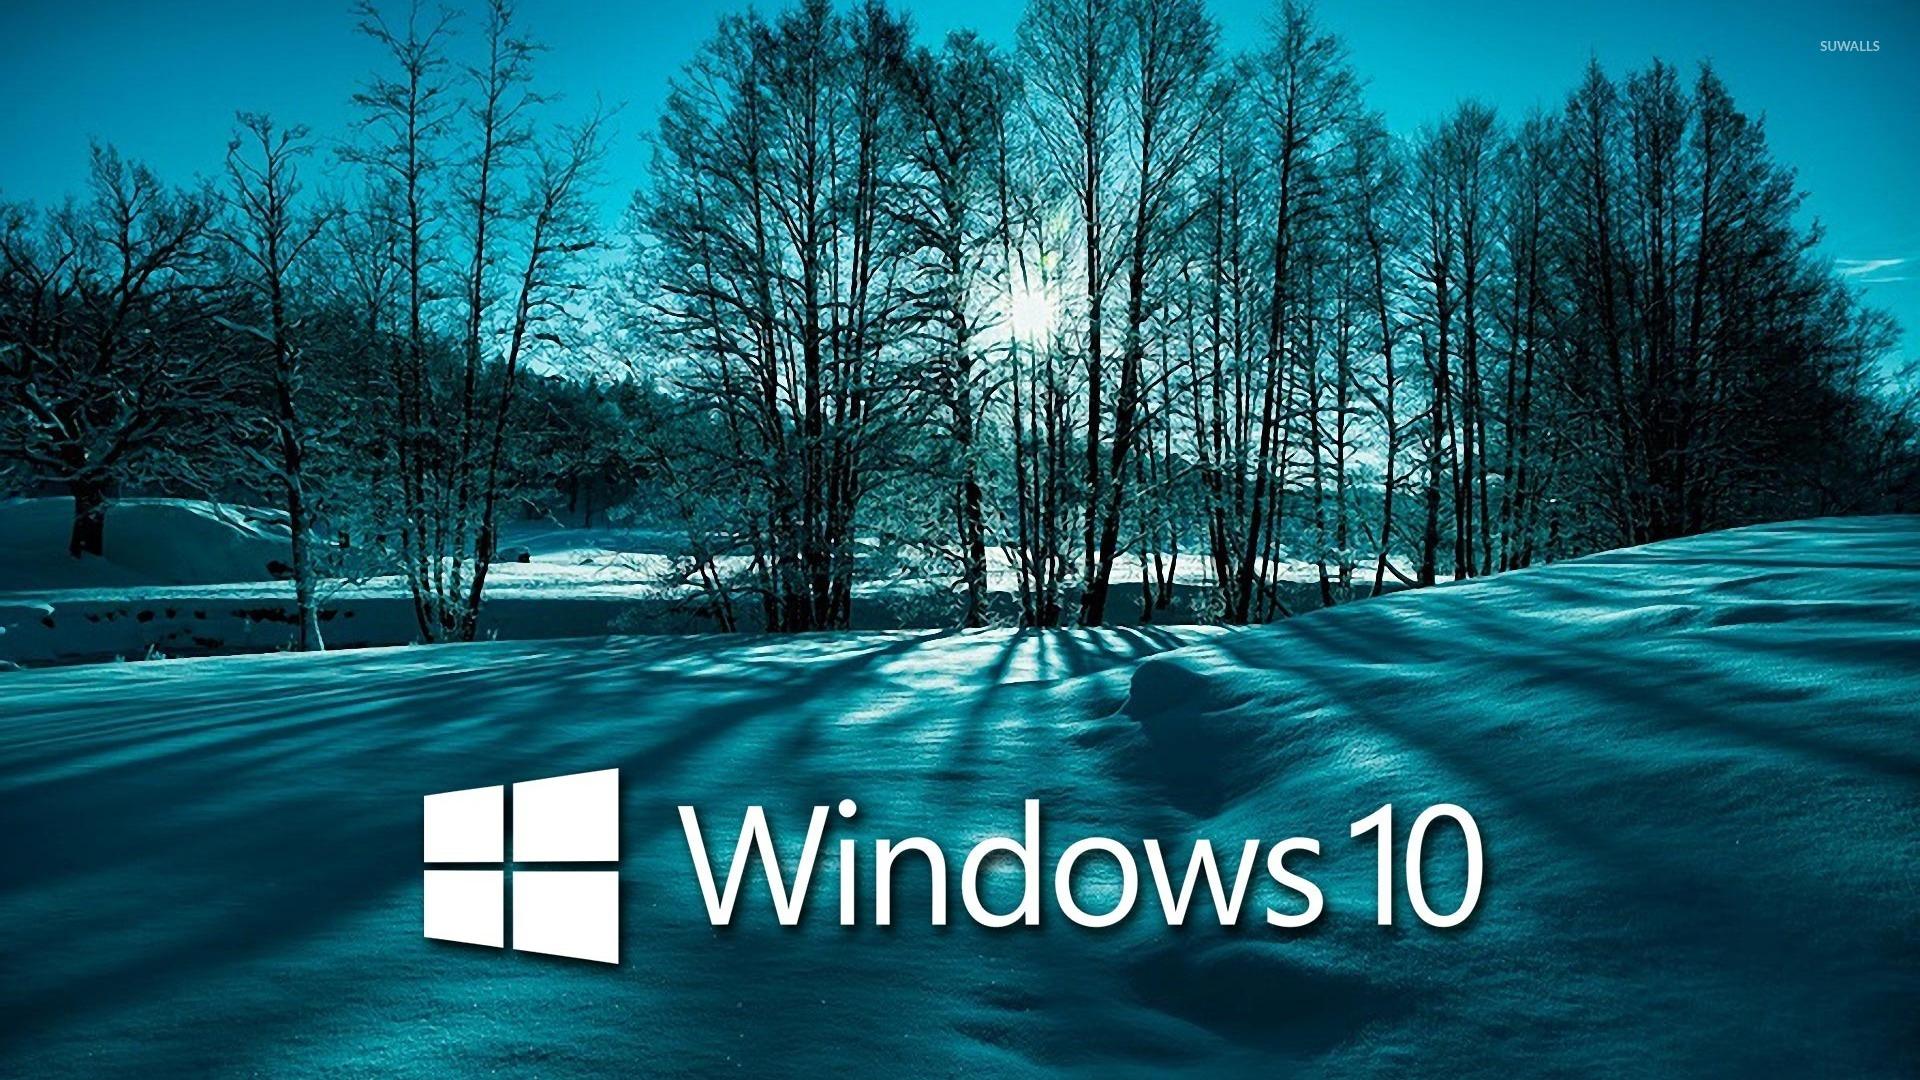 Windows 10 On Snowy Trees White Text Logo Wallpaper